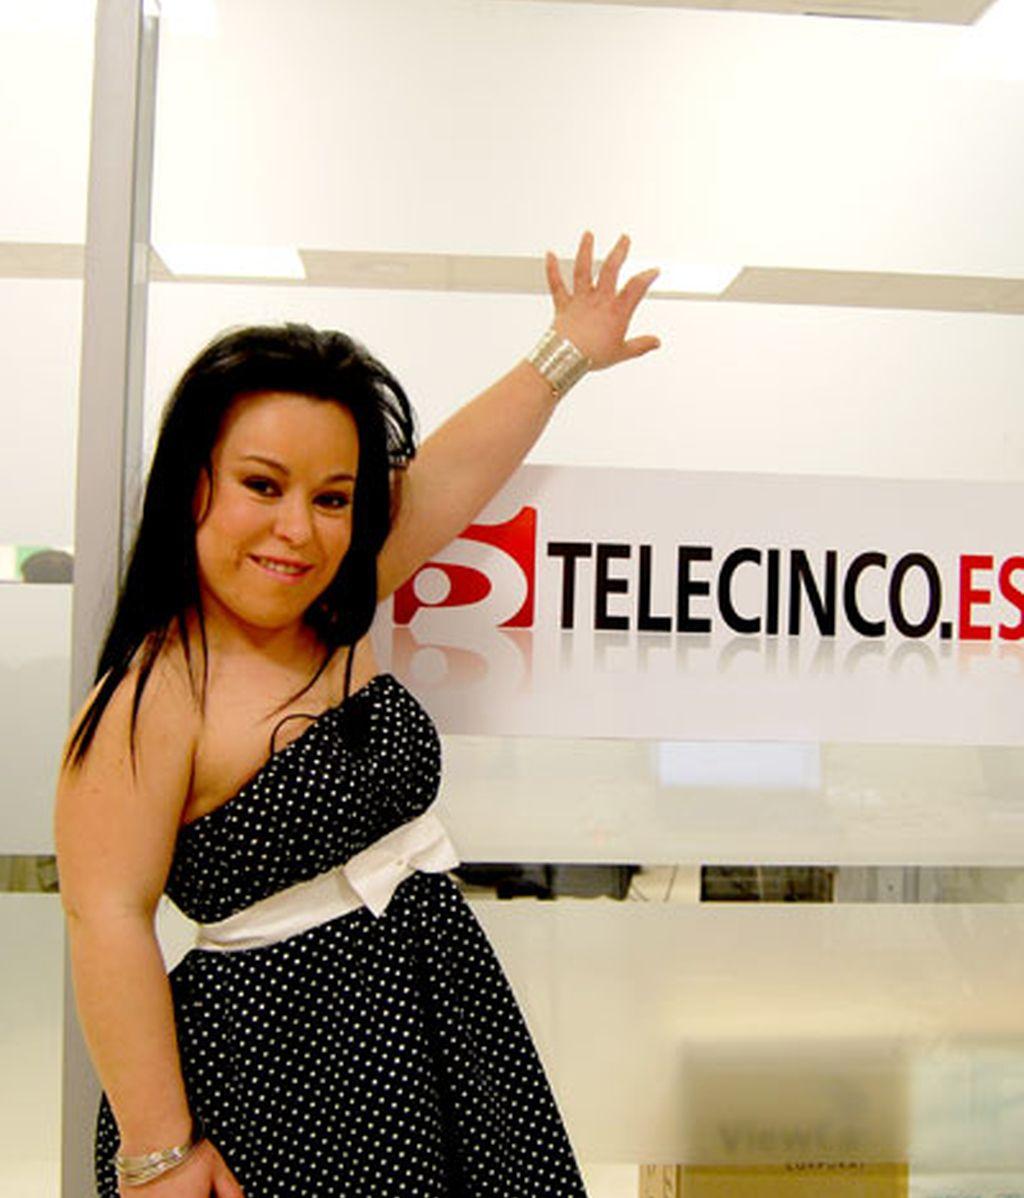 Almudena en telecinco.es